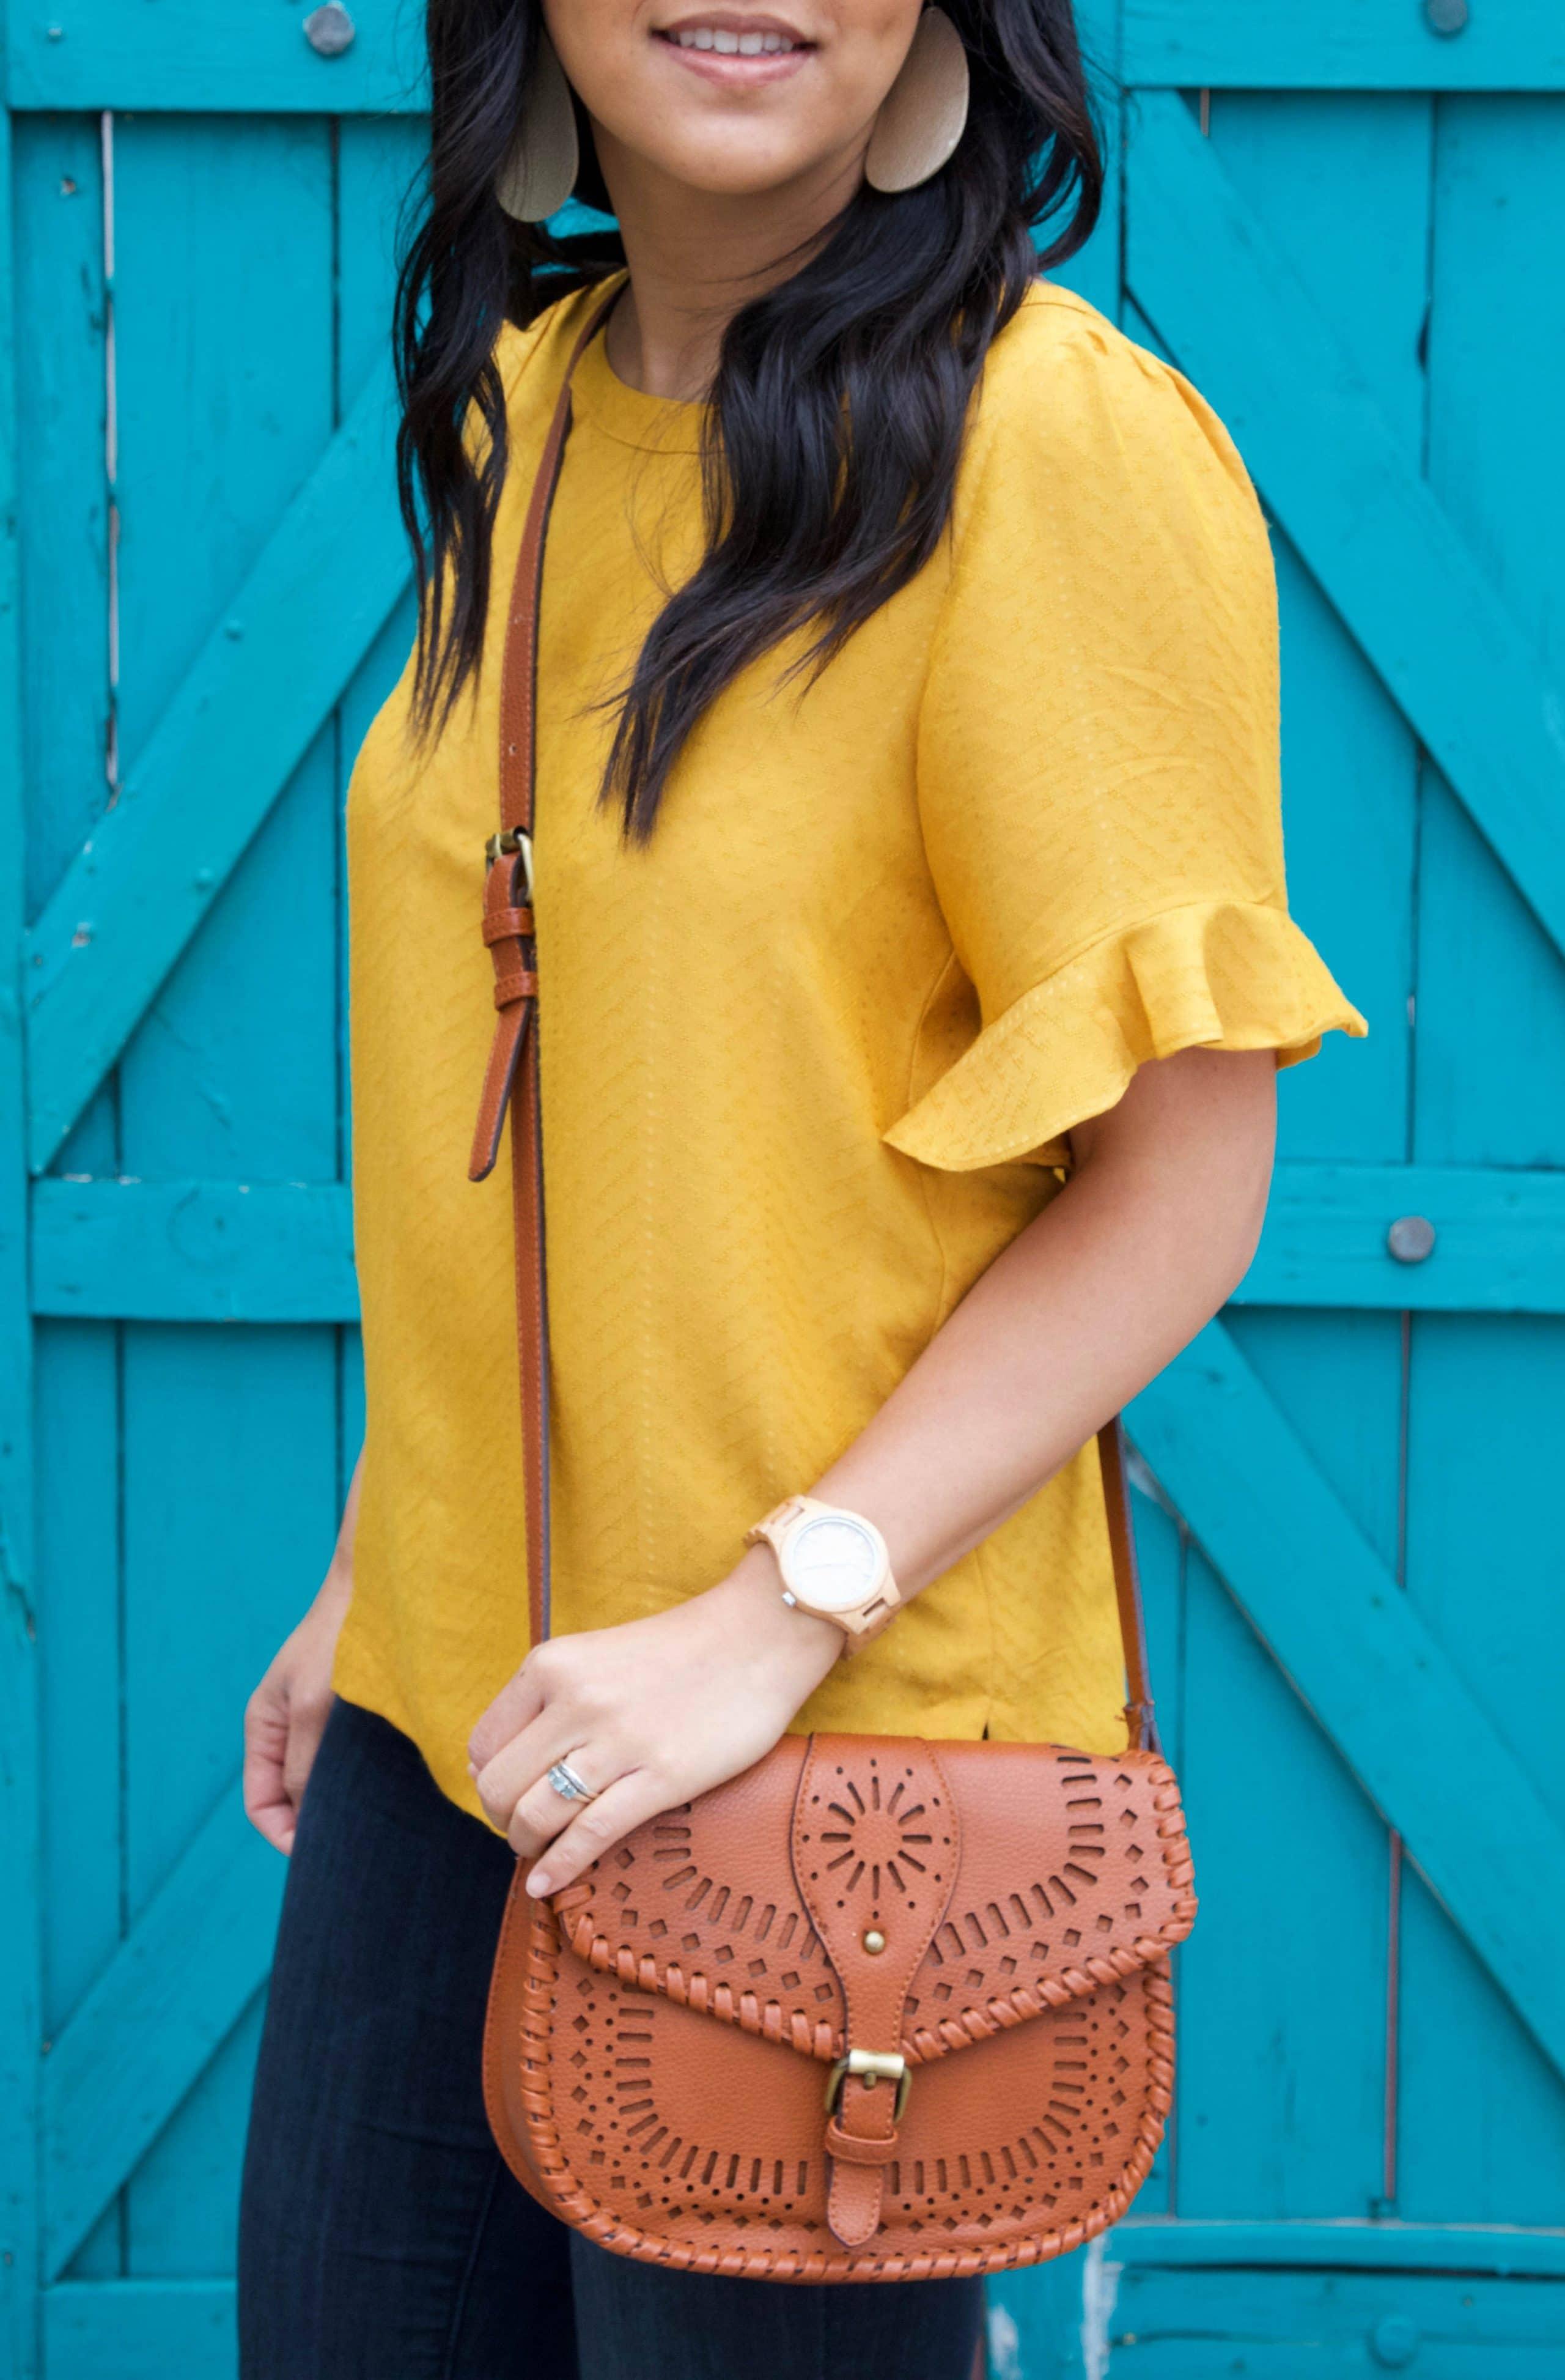 Marigold Blouse + Cognac Bag + Jeans